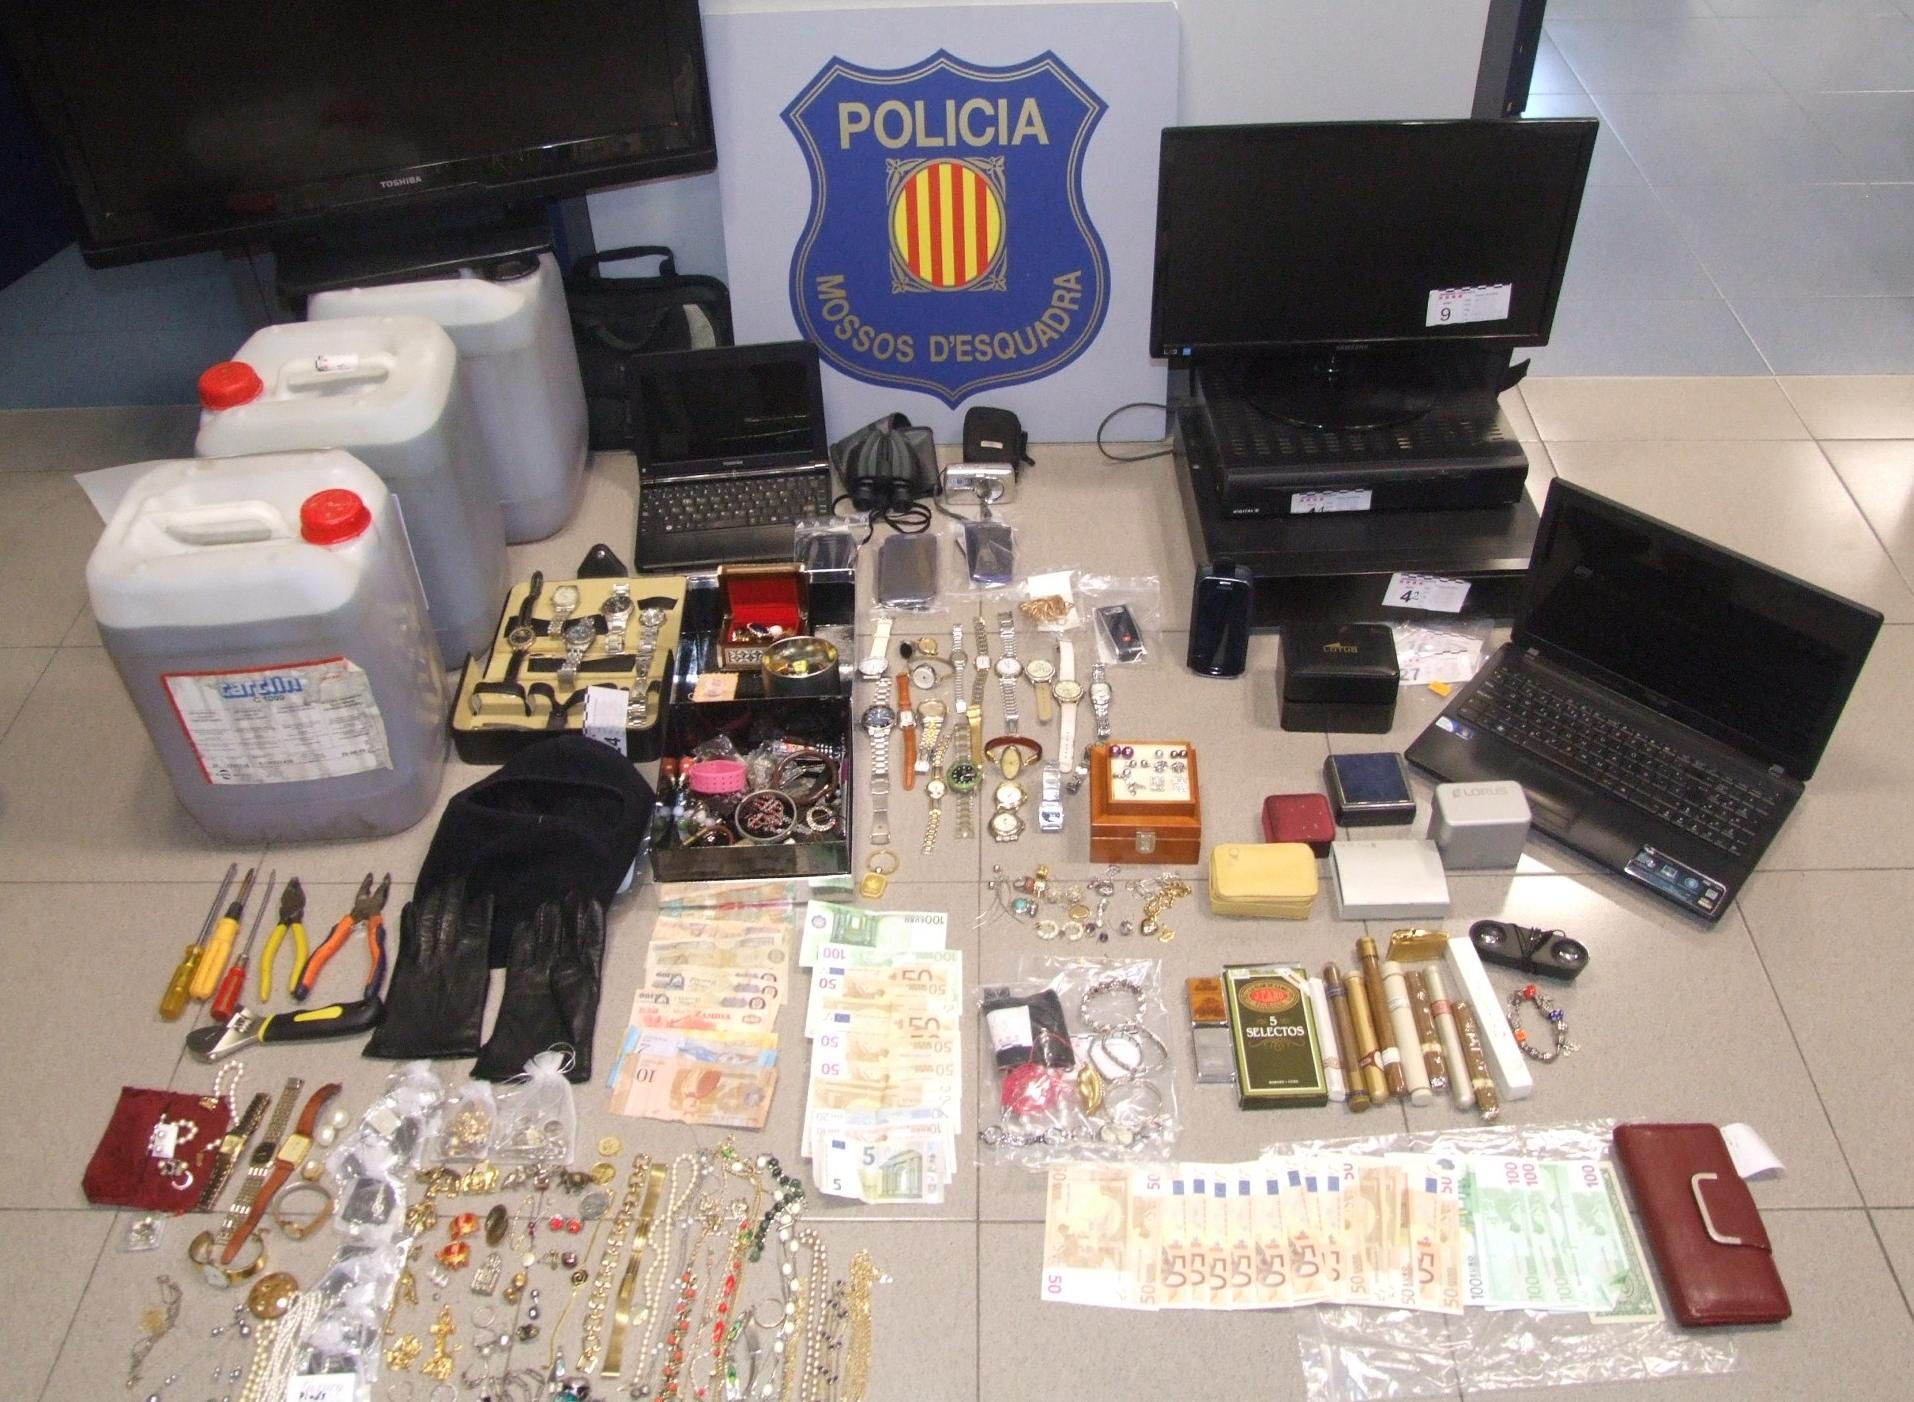 Els Mossos d'Esquadra detenen tres homes per robatoris a l'Urgell, Noguera, Garrigues i Conca de Barberà